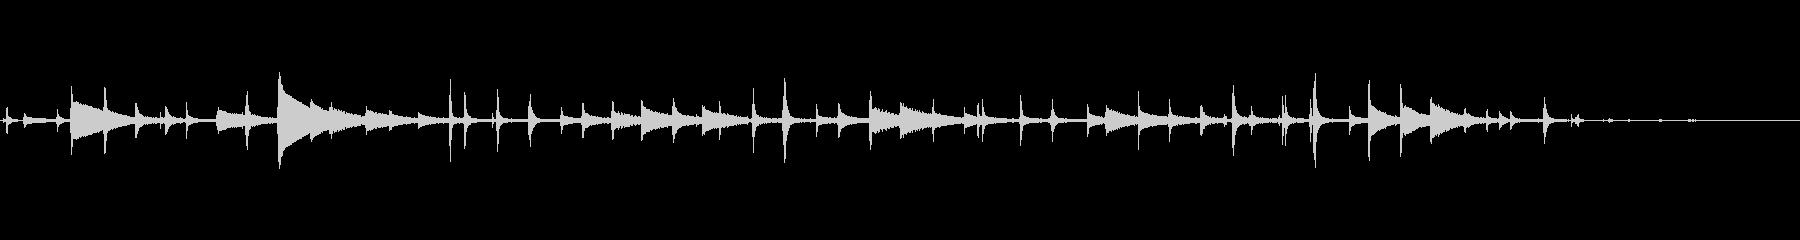 TUNE、MUSIC BOXその他...の未再生の波形